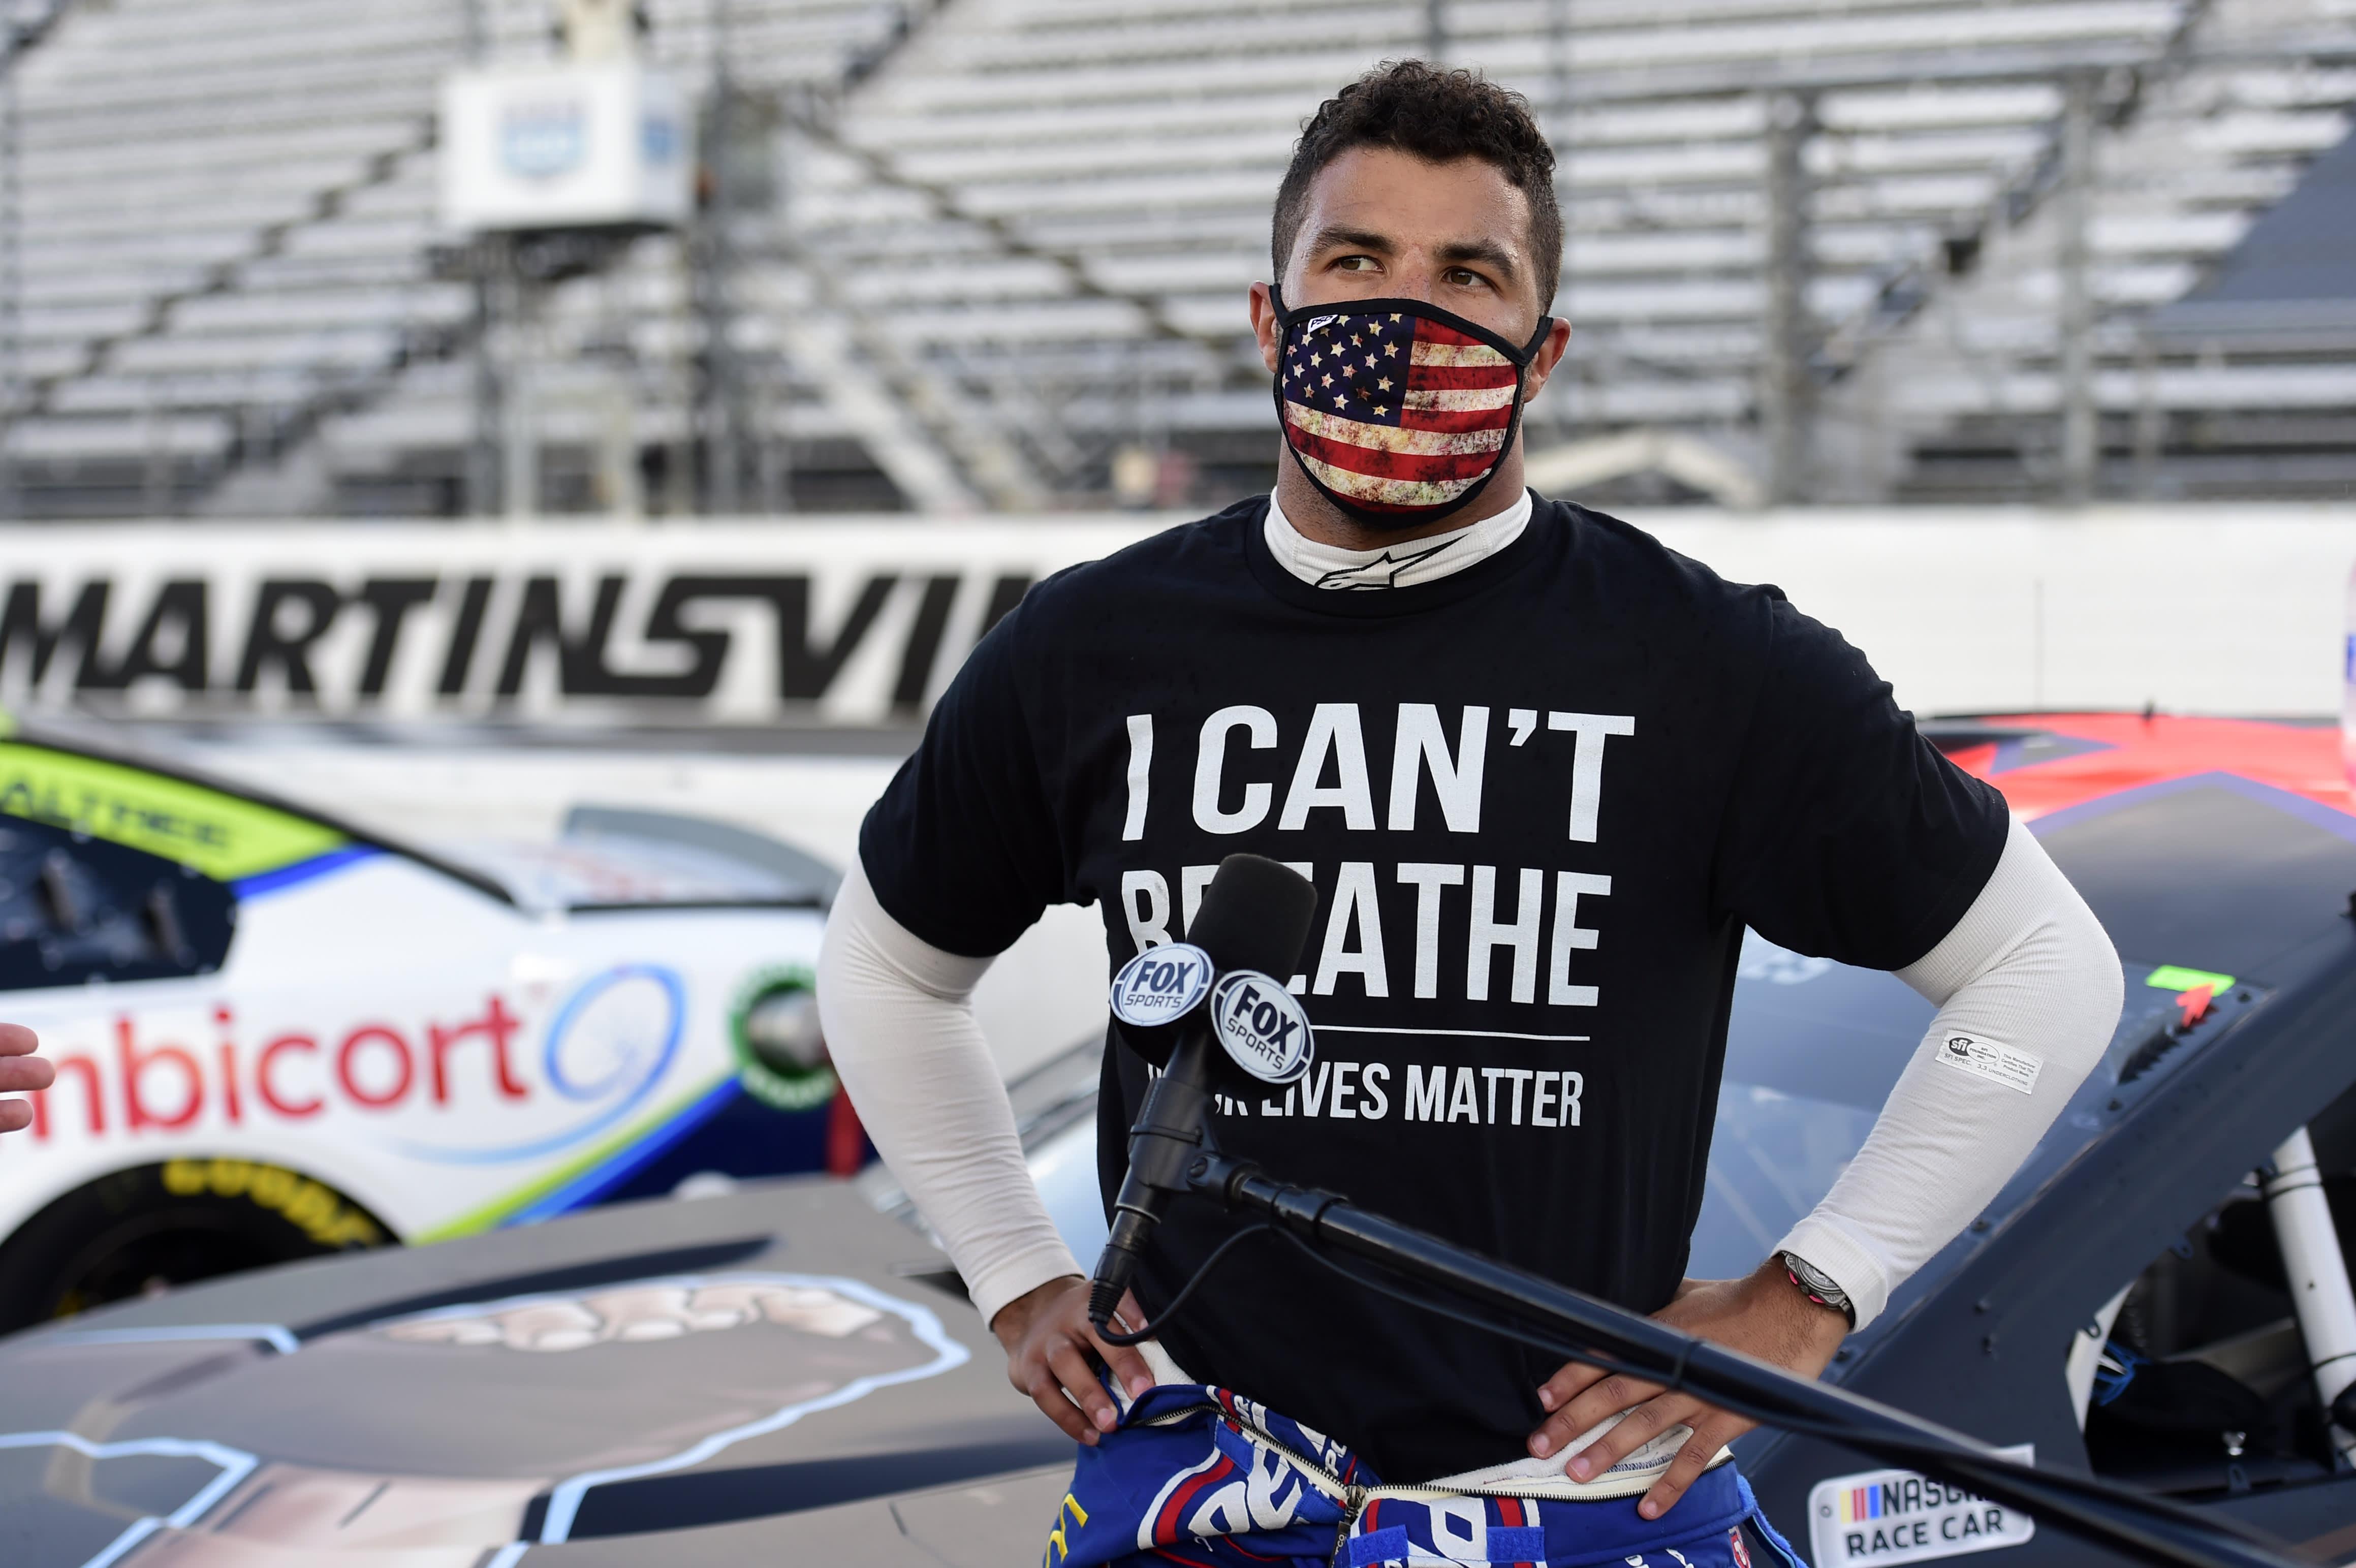 NASCAR का कहना है कि अलबामा के टाल्देगा में दौड़ में बुब्बा वालेस के गेराज स्टॉल में एक नोज पाया गया था